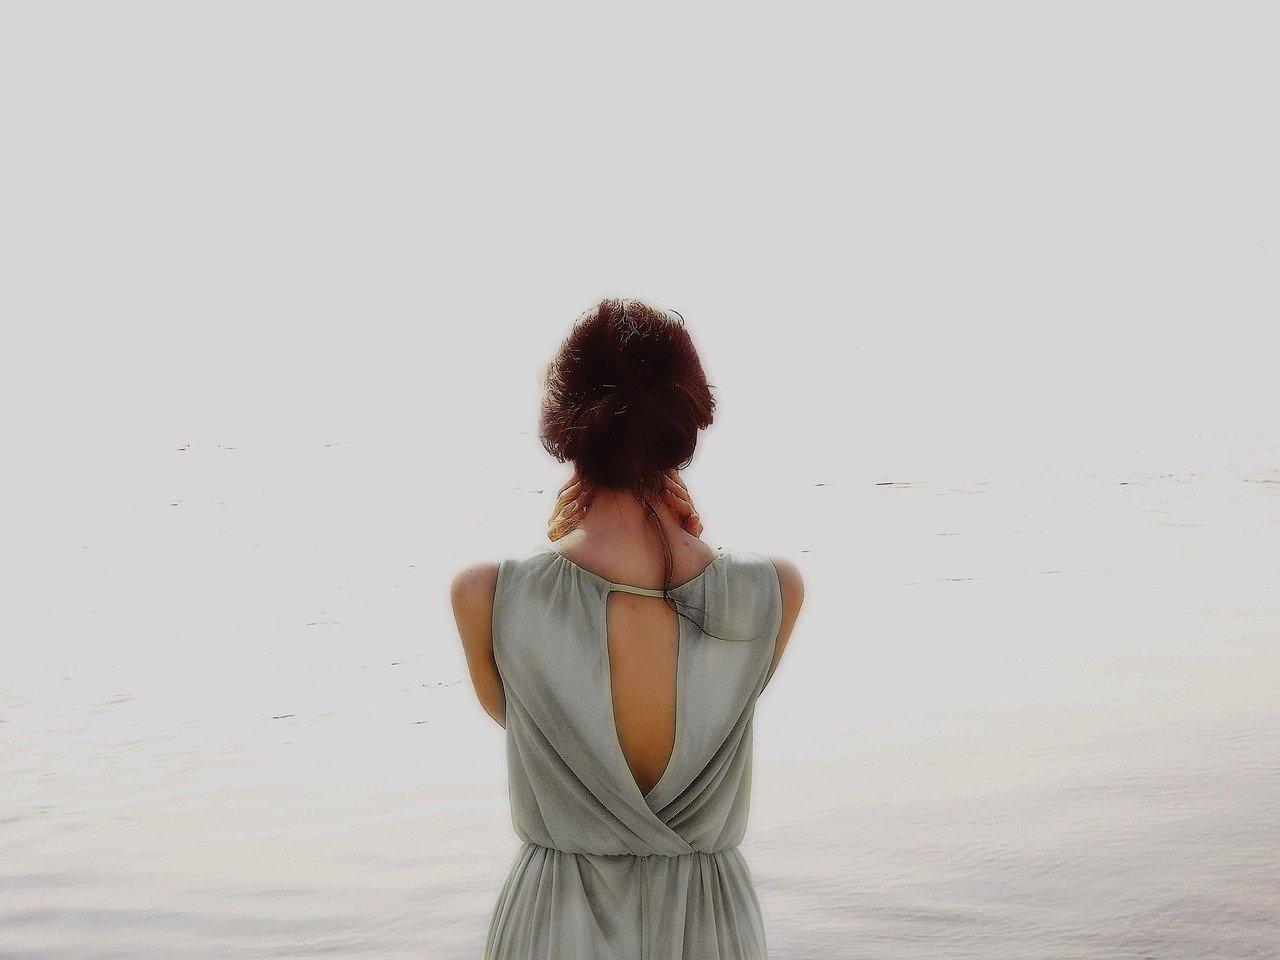 女の子 海辺